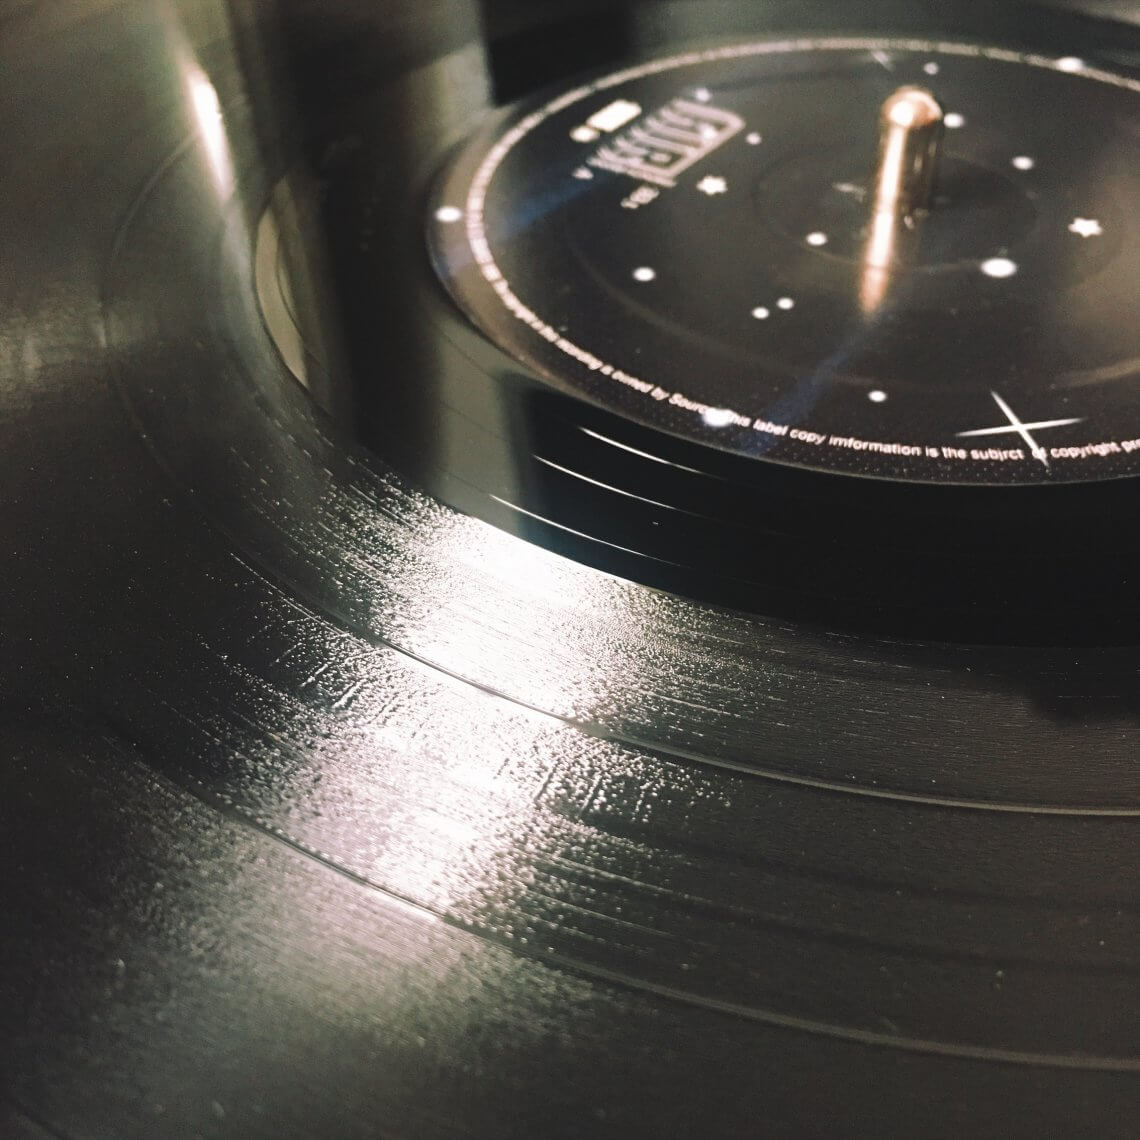 Das Bild zeigt die geriffelte Oberfläche einer schwarzen Schallplatte in Großaufnahme.